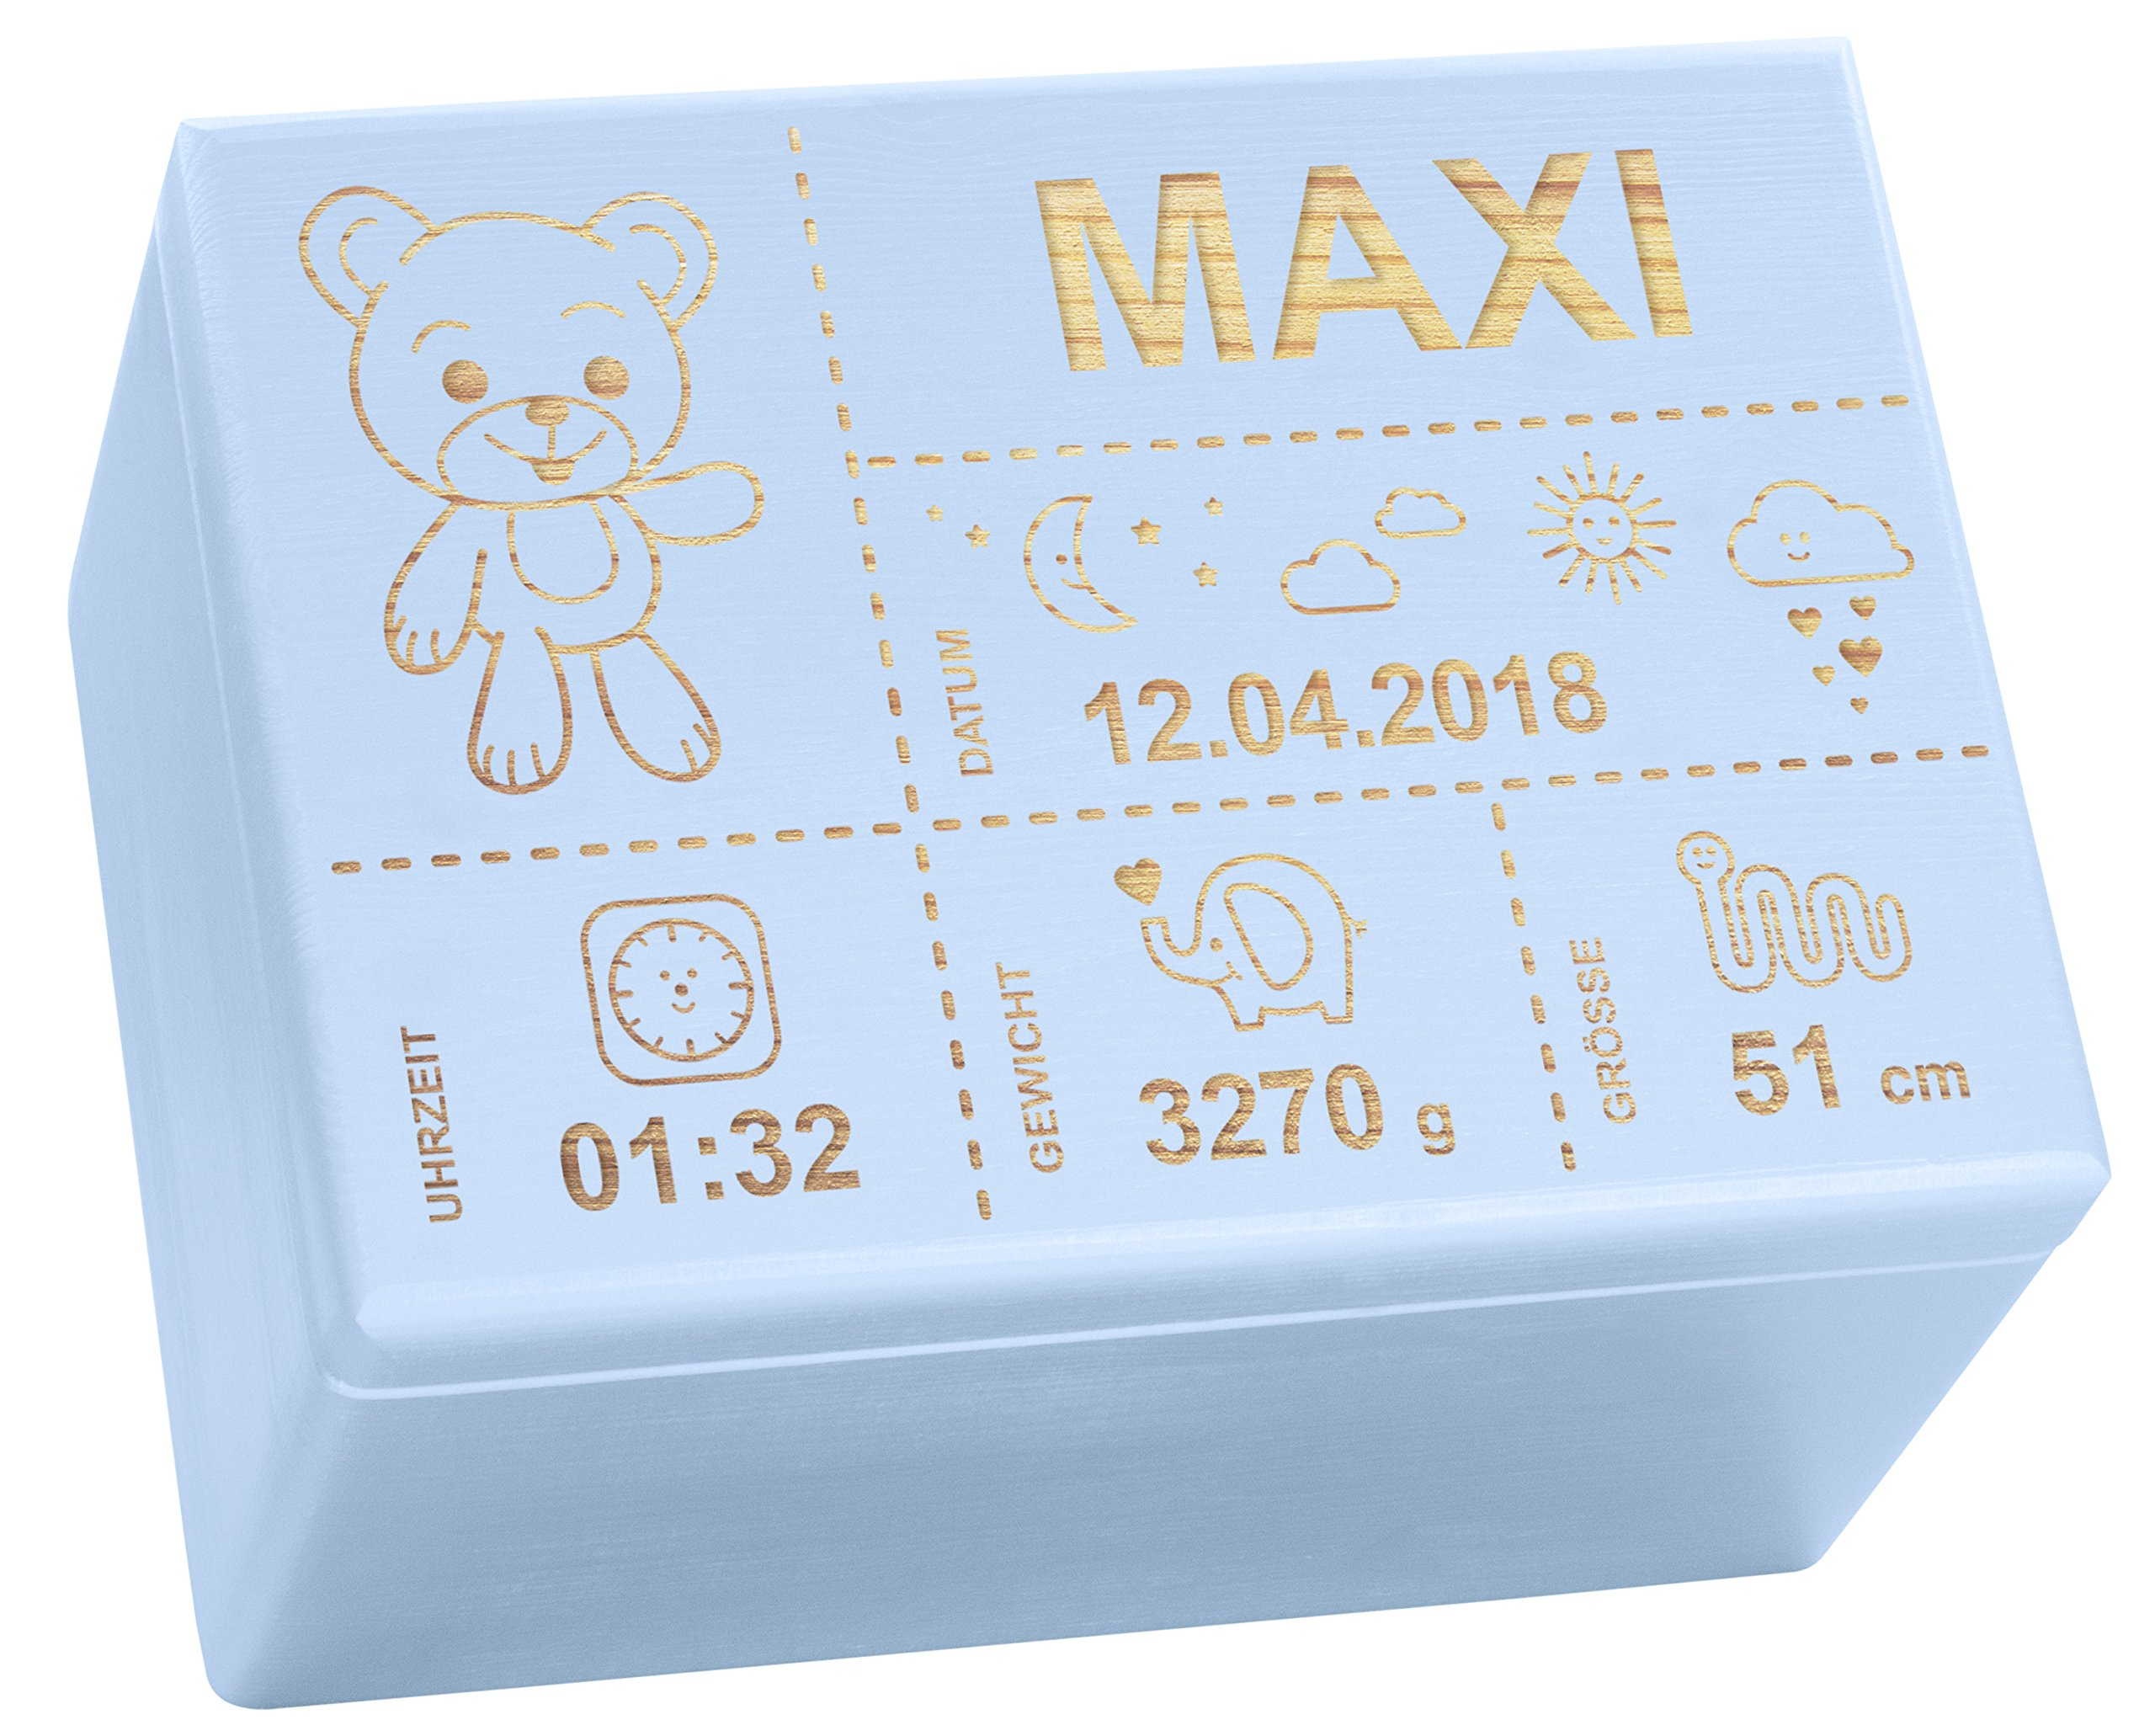 Holzkiste mit Gravur - Personalisiert mit ❤️ GEBURTSDATEN ❤️ - Blau Größe XL - Teddybär Motiv - Erinnerungskiste als Geschenk zur Geburt - LAUBLUST® 12